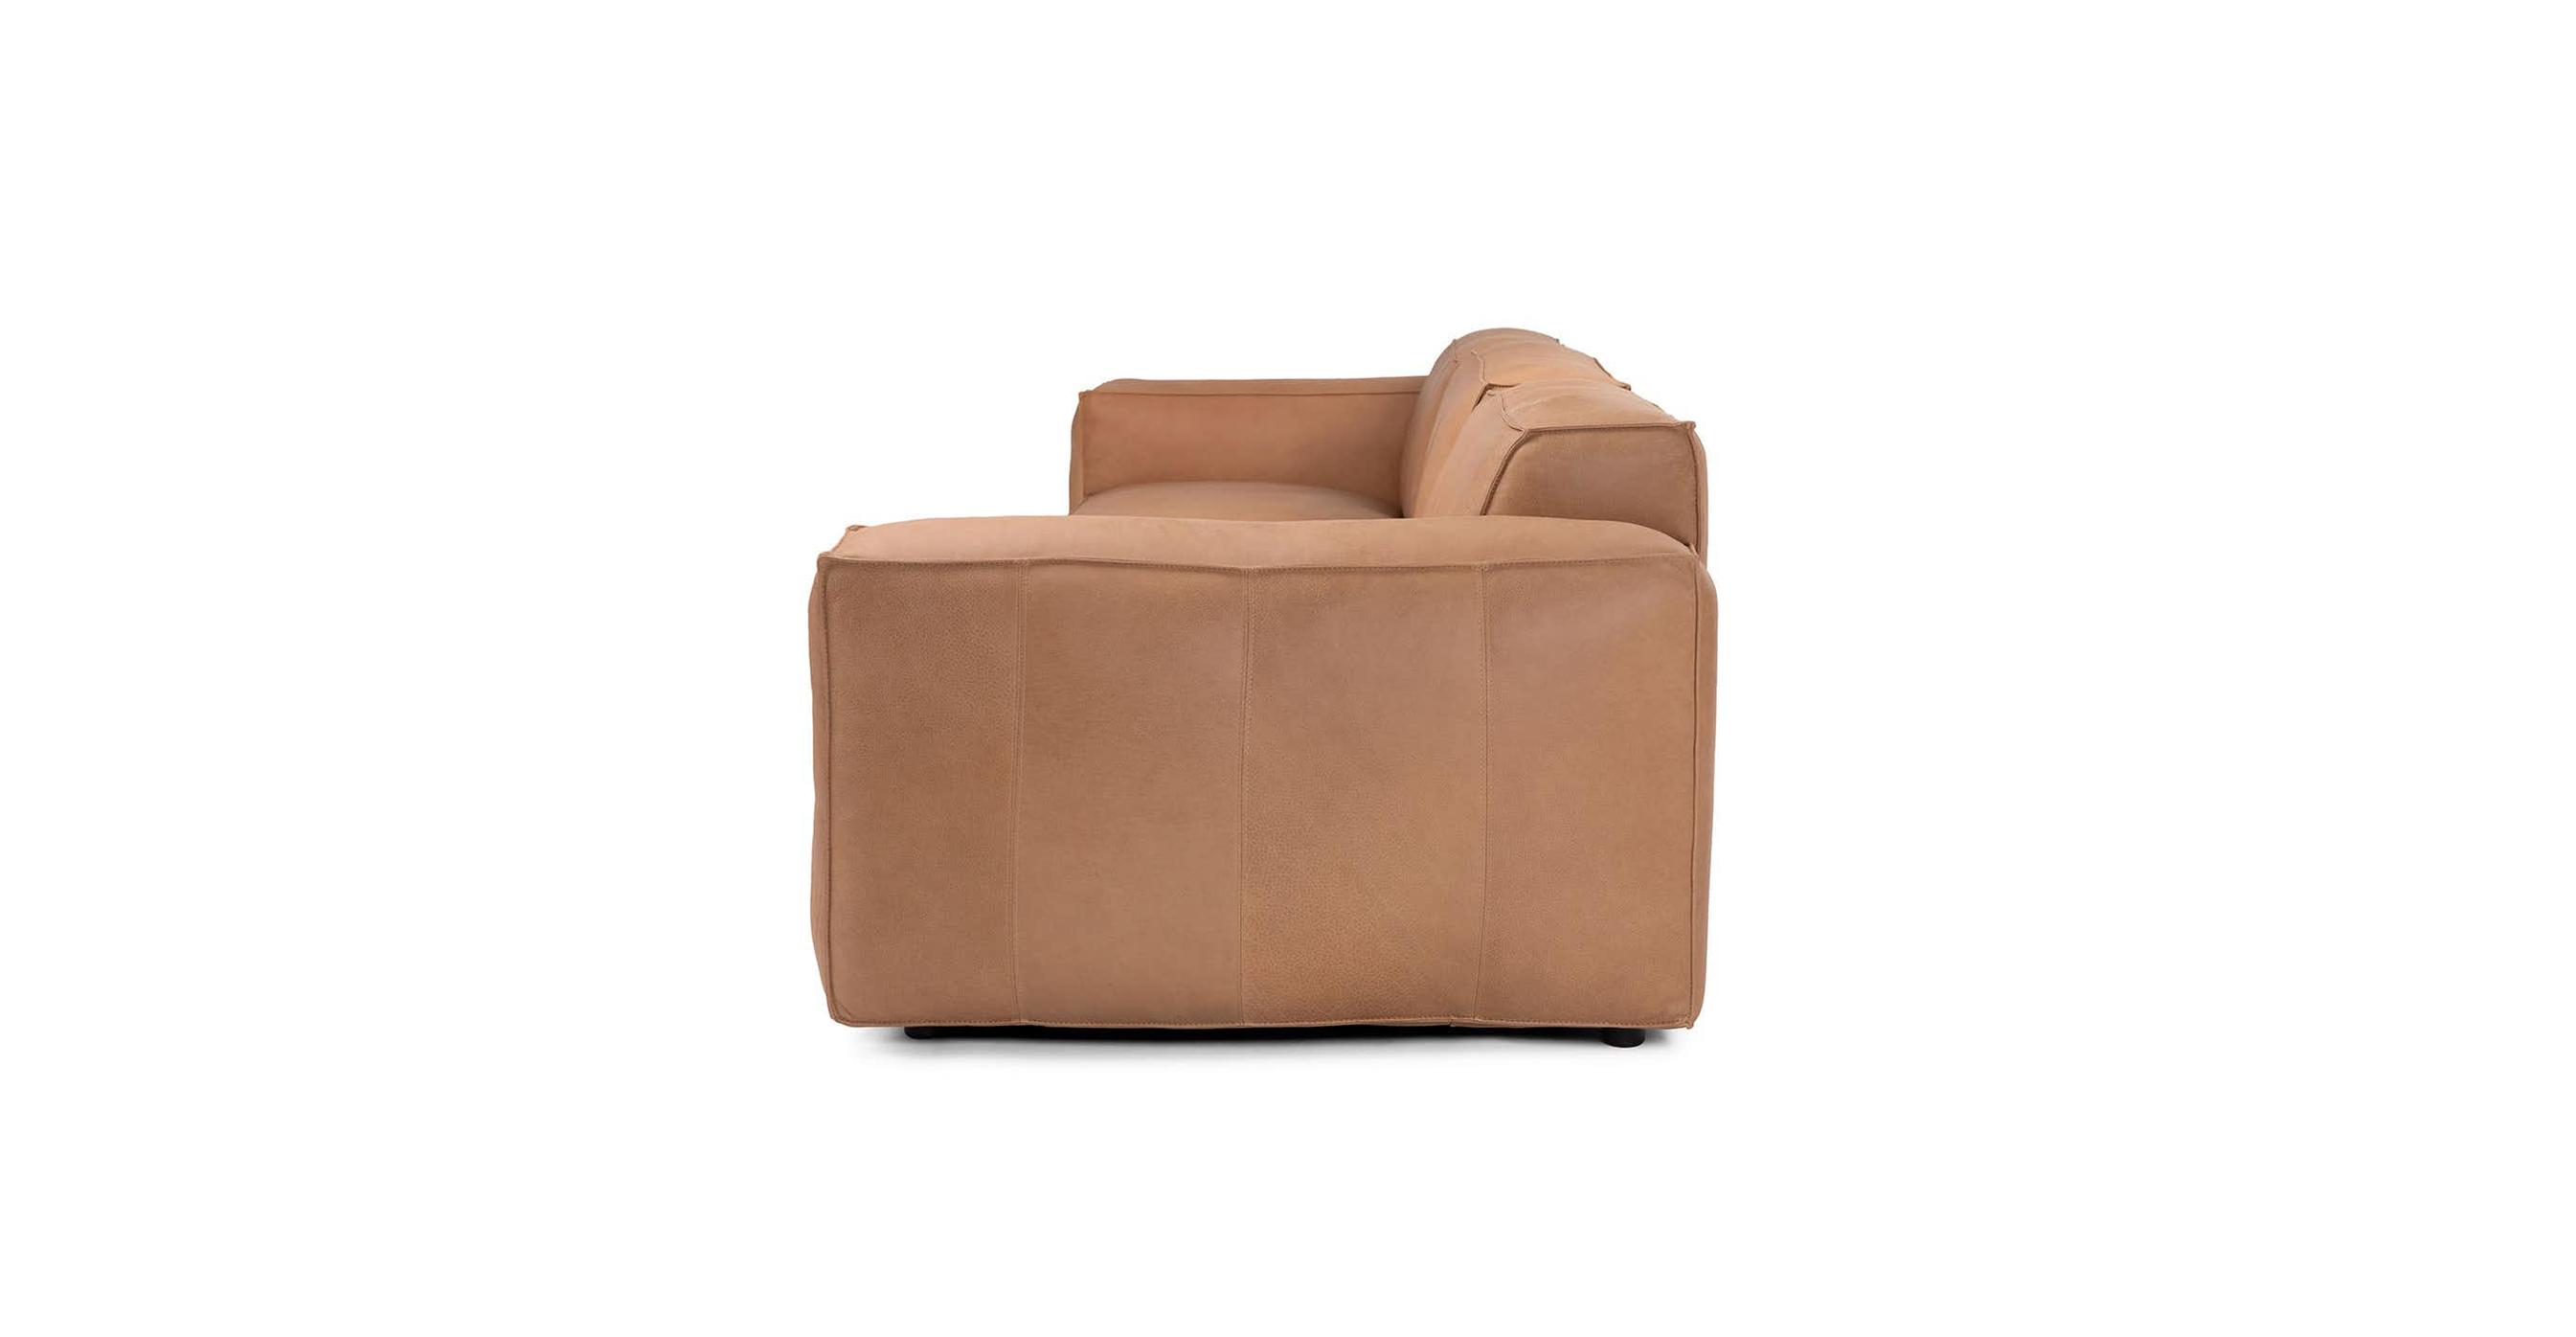 Ghế Sofa bọc da gỗ tự nhiên 3 chỗ ngồi Sketch6/9